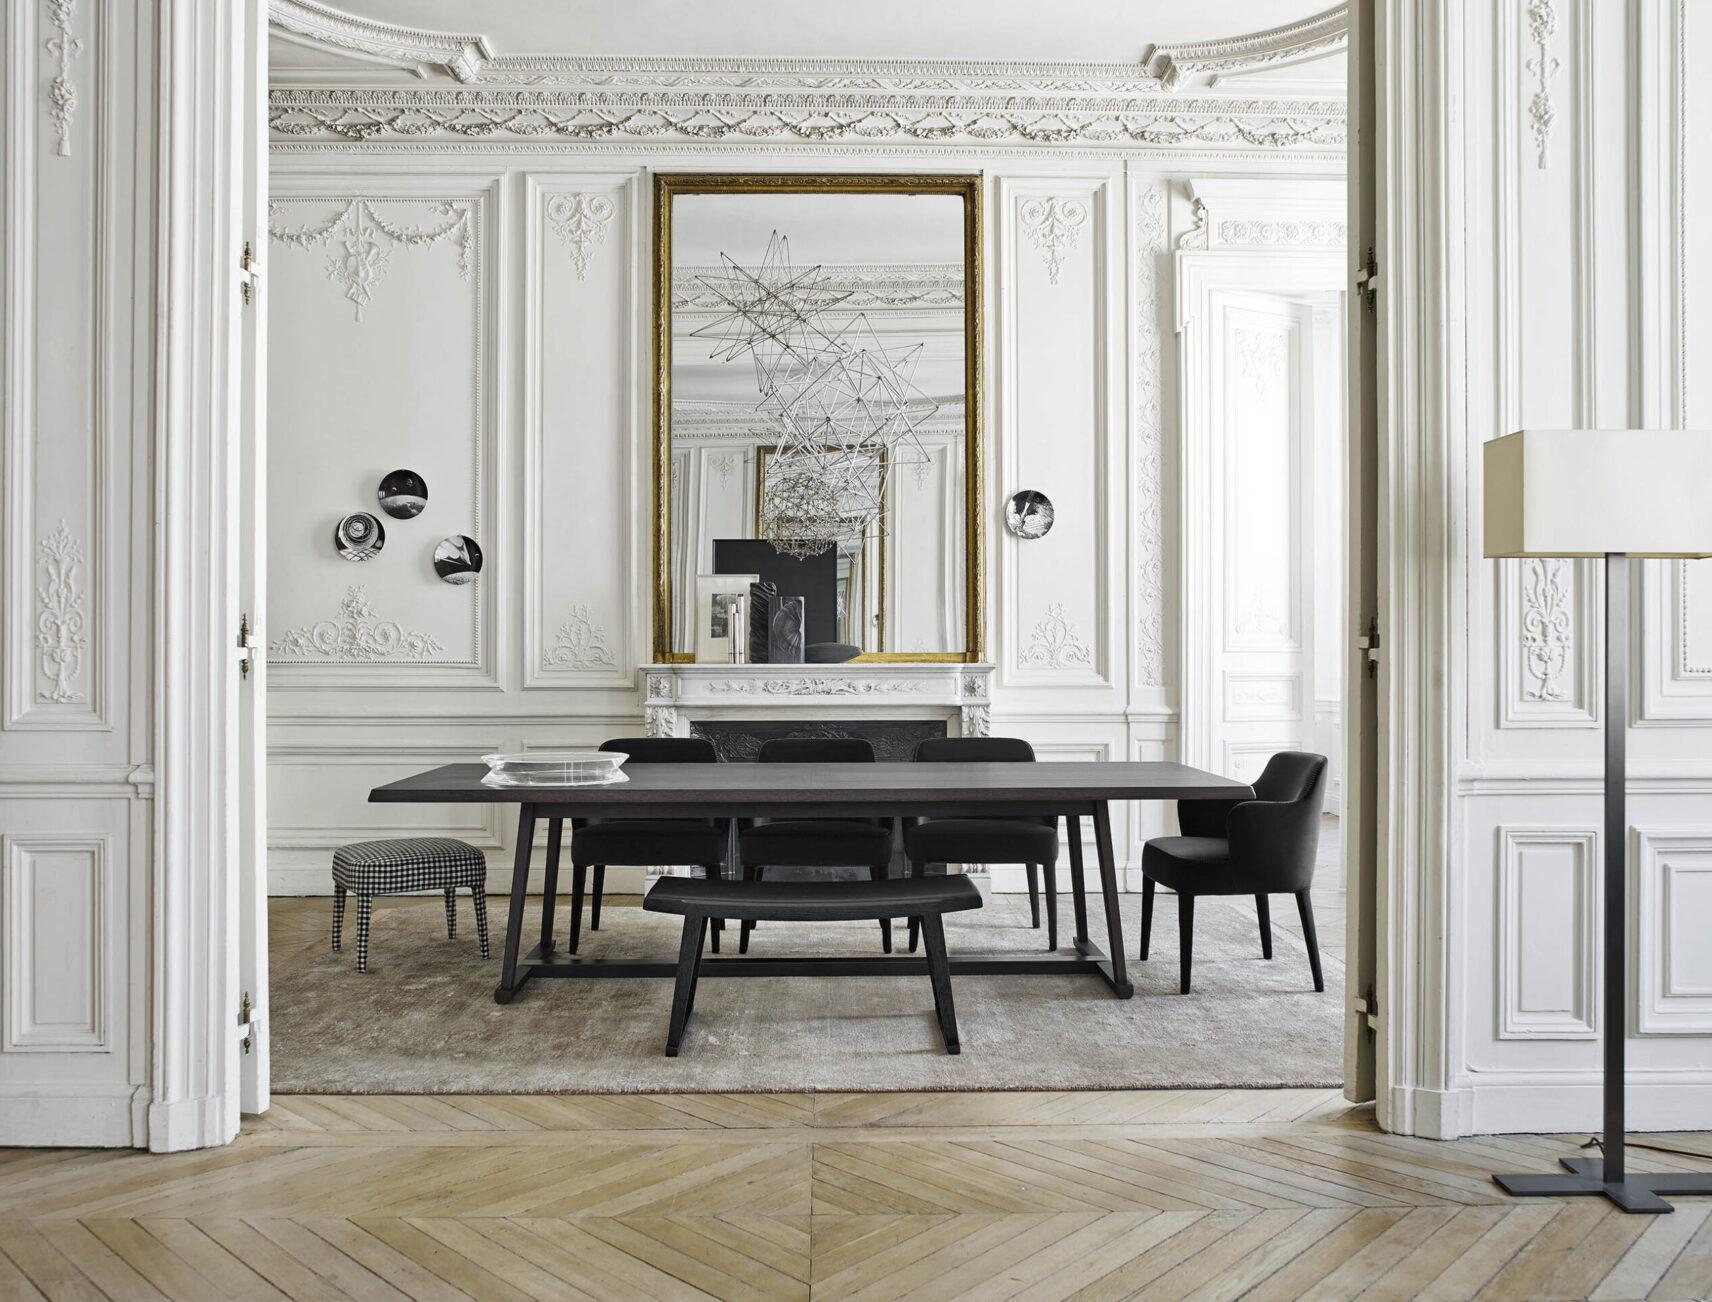 Tisch Recipio Der Lux Collection Von Maxalto